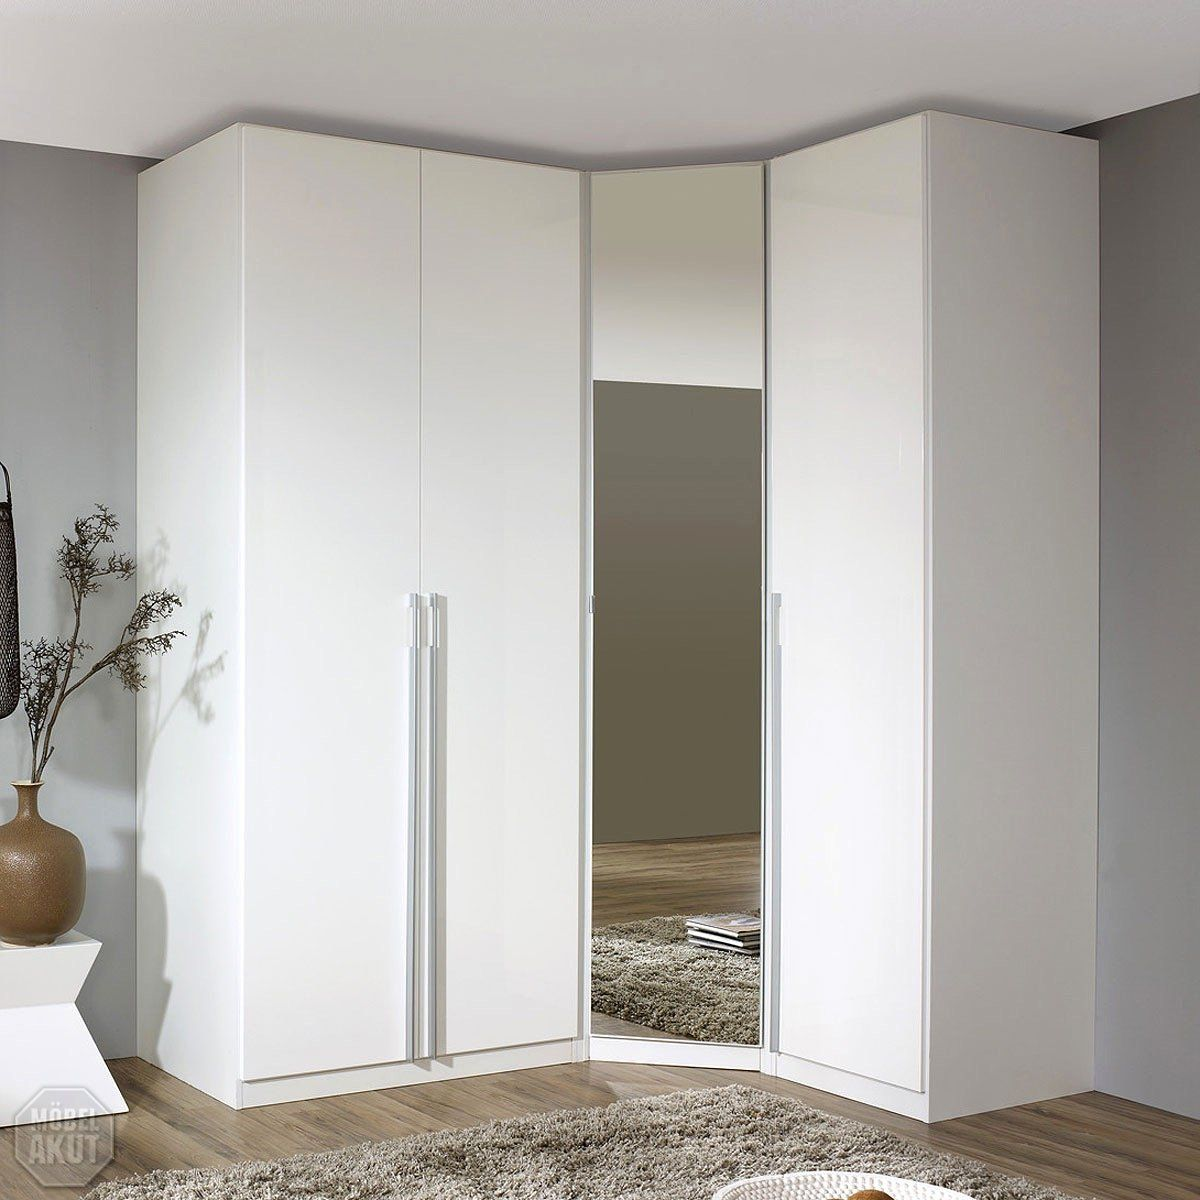 Eckschrank Schlafzimmer 15 Deutsche Dekor 2019 Online Kaufen